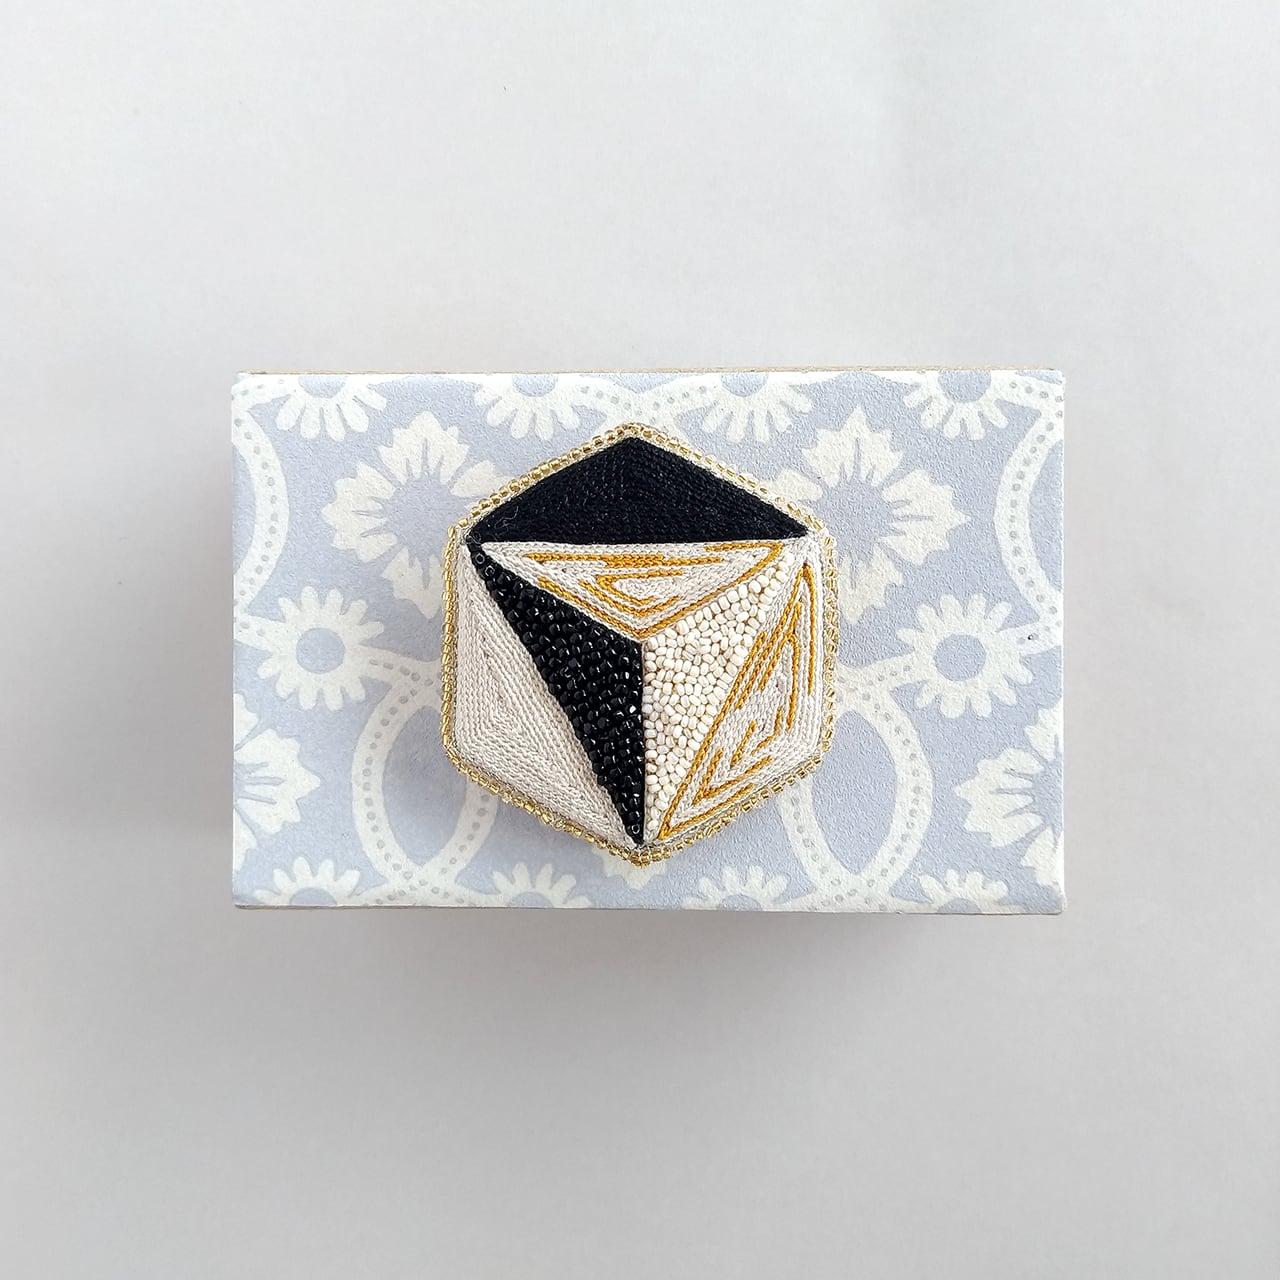 アントワネットポワソン(Antoinette Poisson)コラボブローチ<ドミノno.5 六角形>